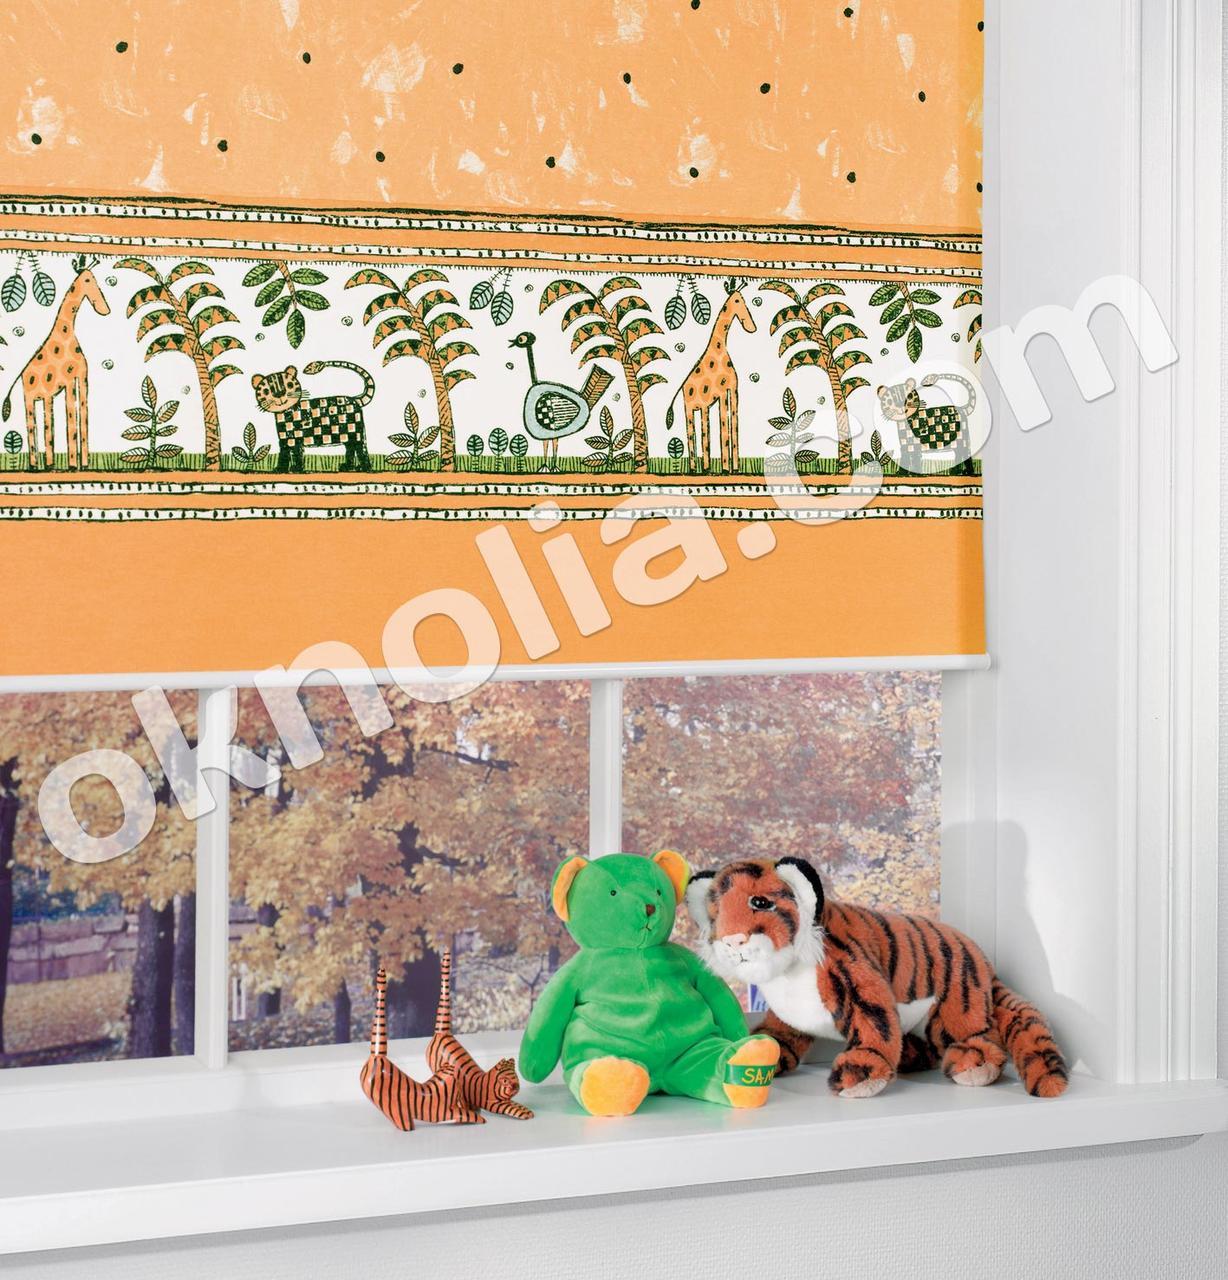 Ролеты тканевые на окна, жалюзи, рулонная штора Аркен 4002 оранжевый, 40*160 см